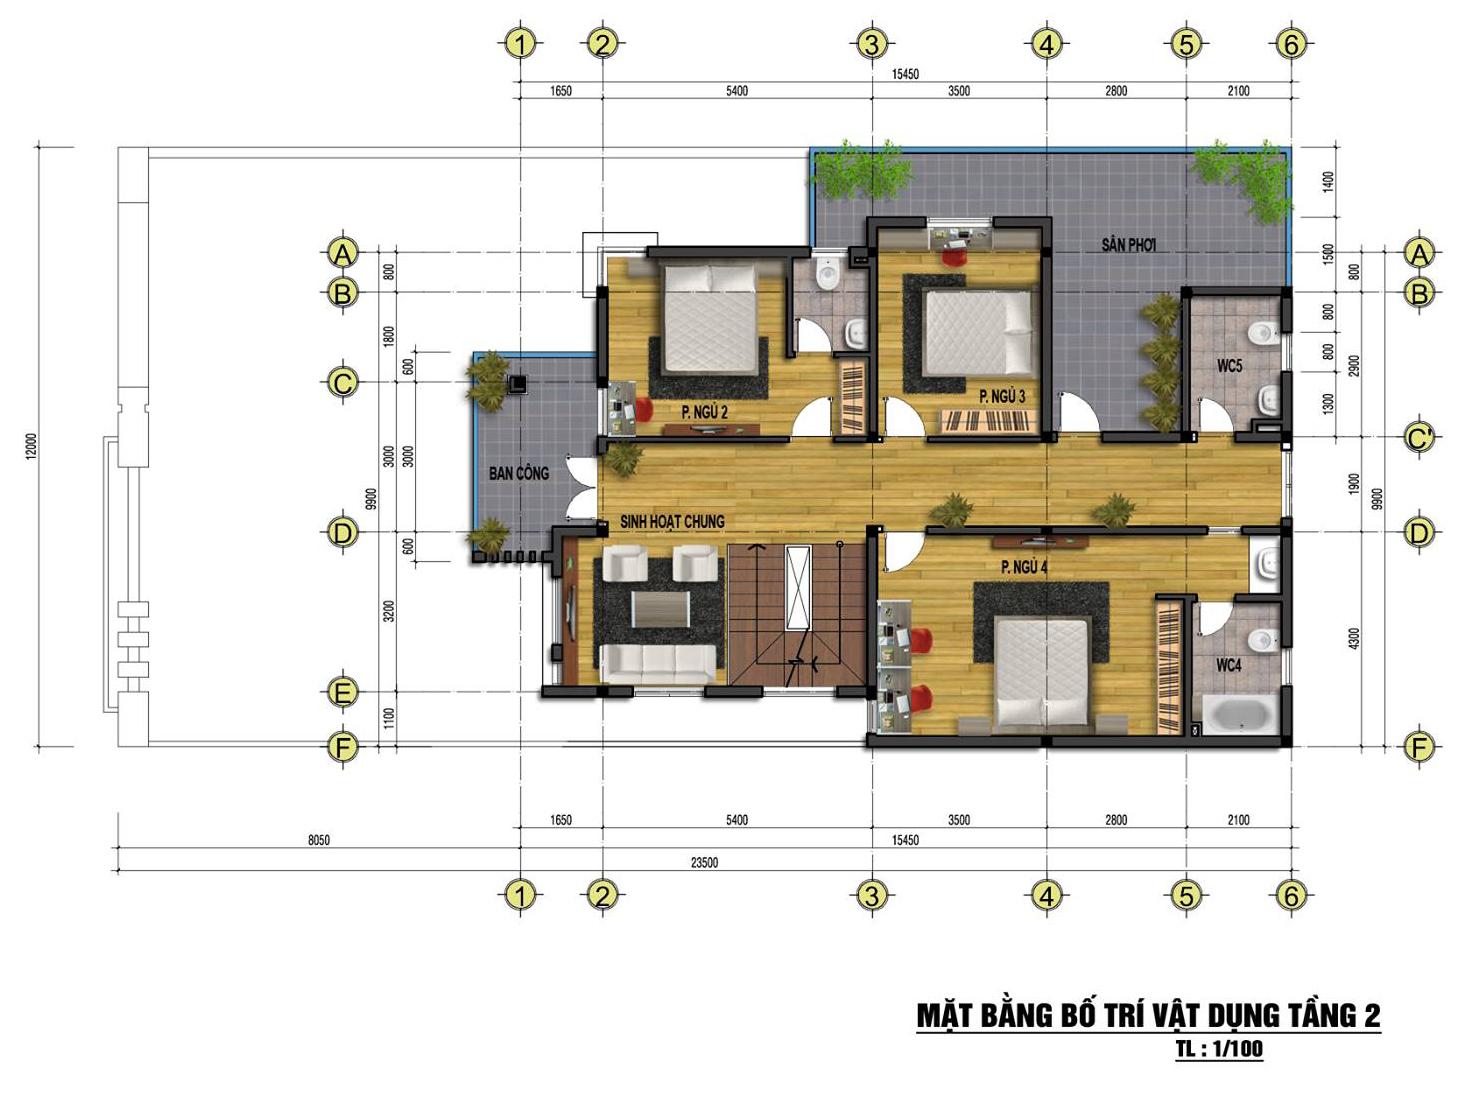 Mặt bằng tầng 2 mẫu nhà phố đẹp 3 tầng